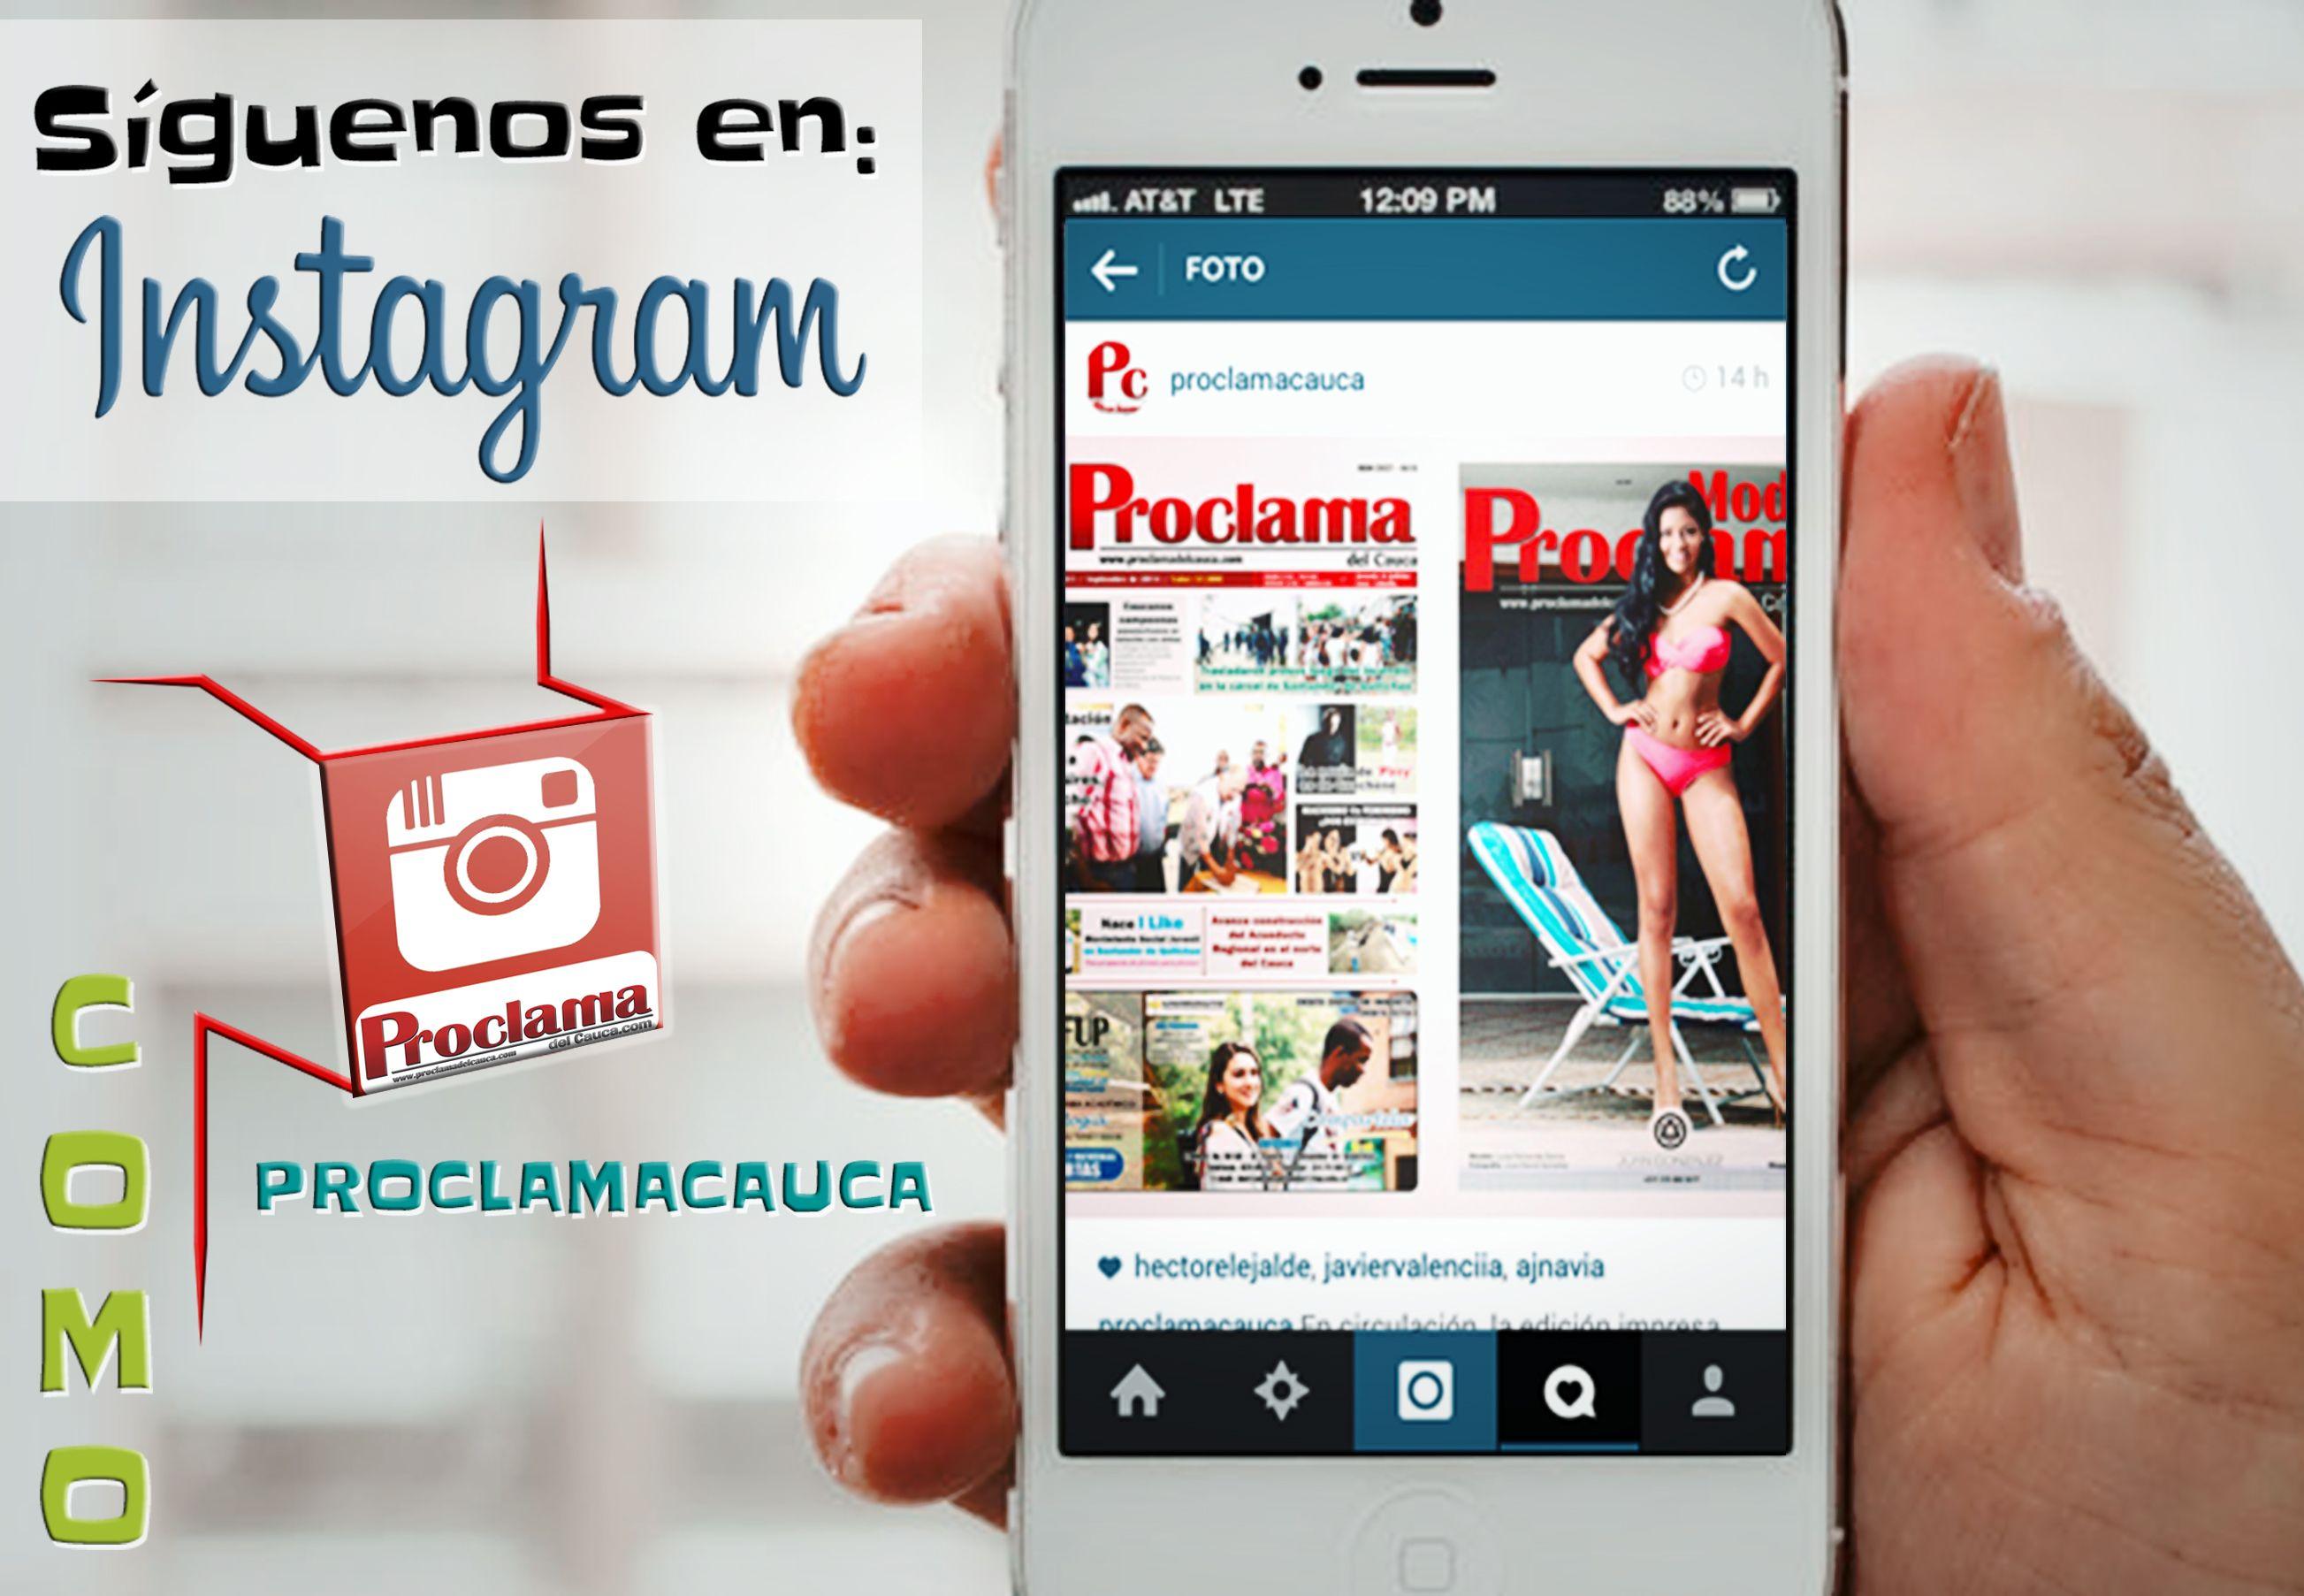 En diciembre siguenos en #Instagram donde encontrarás todas las noticias y opiniones de #ProclamaDelCauca